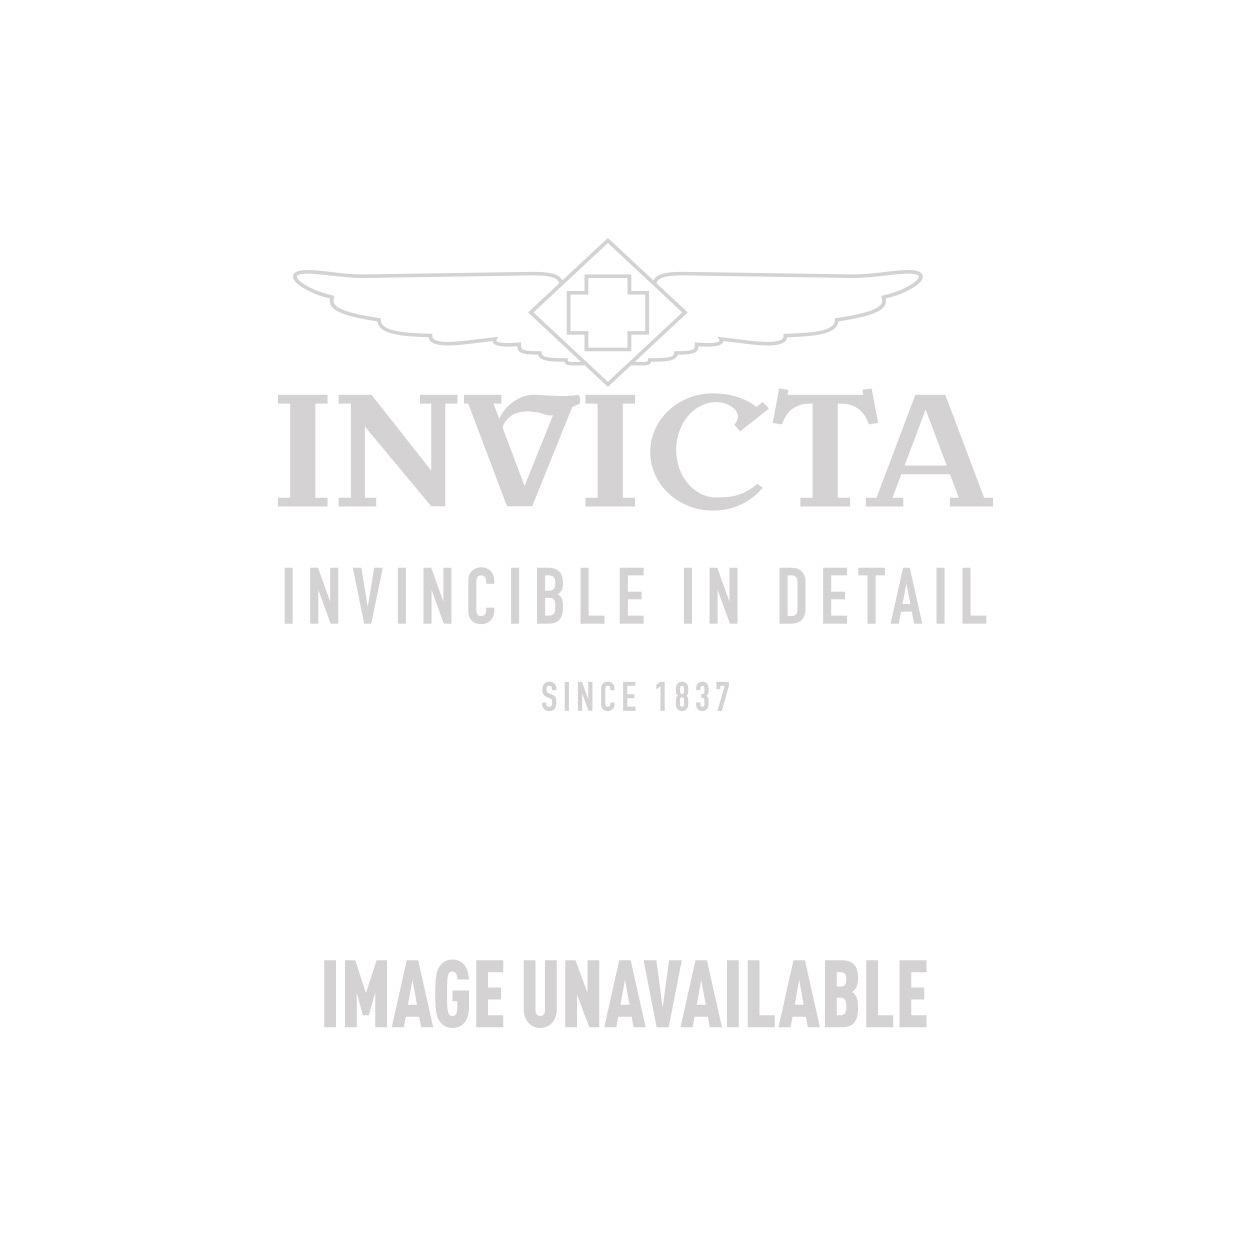 Invicta Bracelet J0317